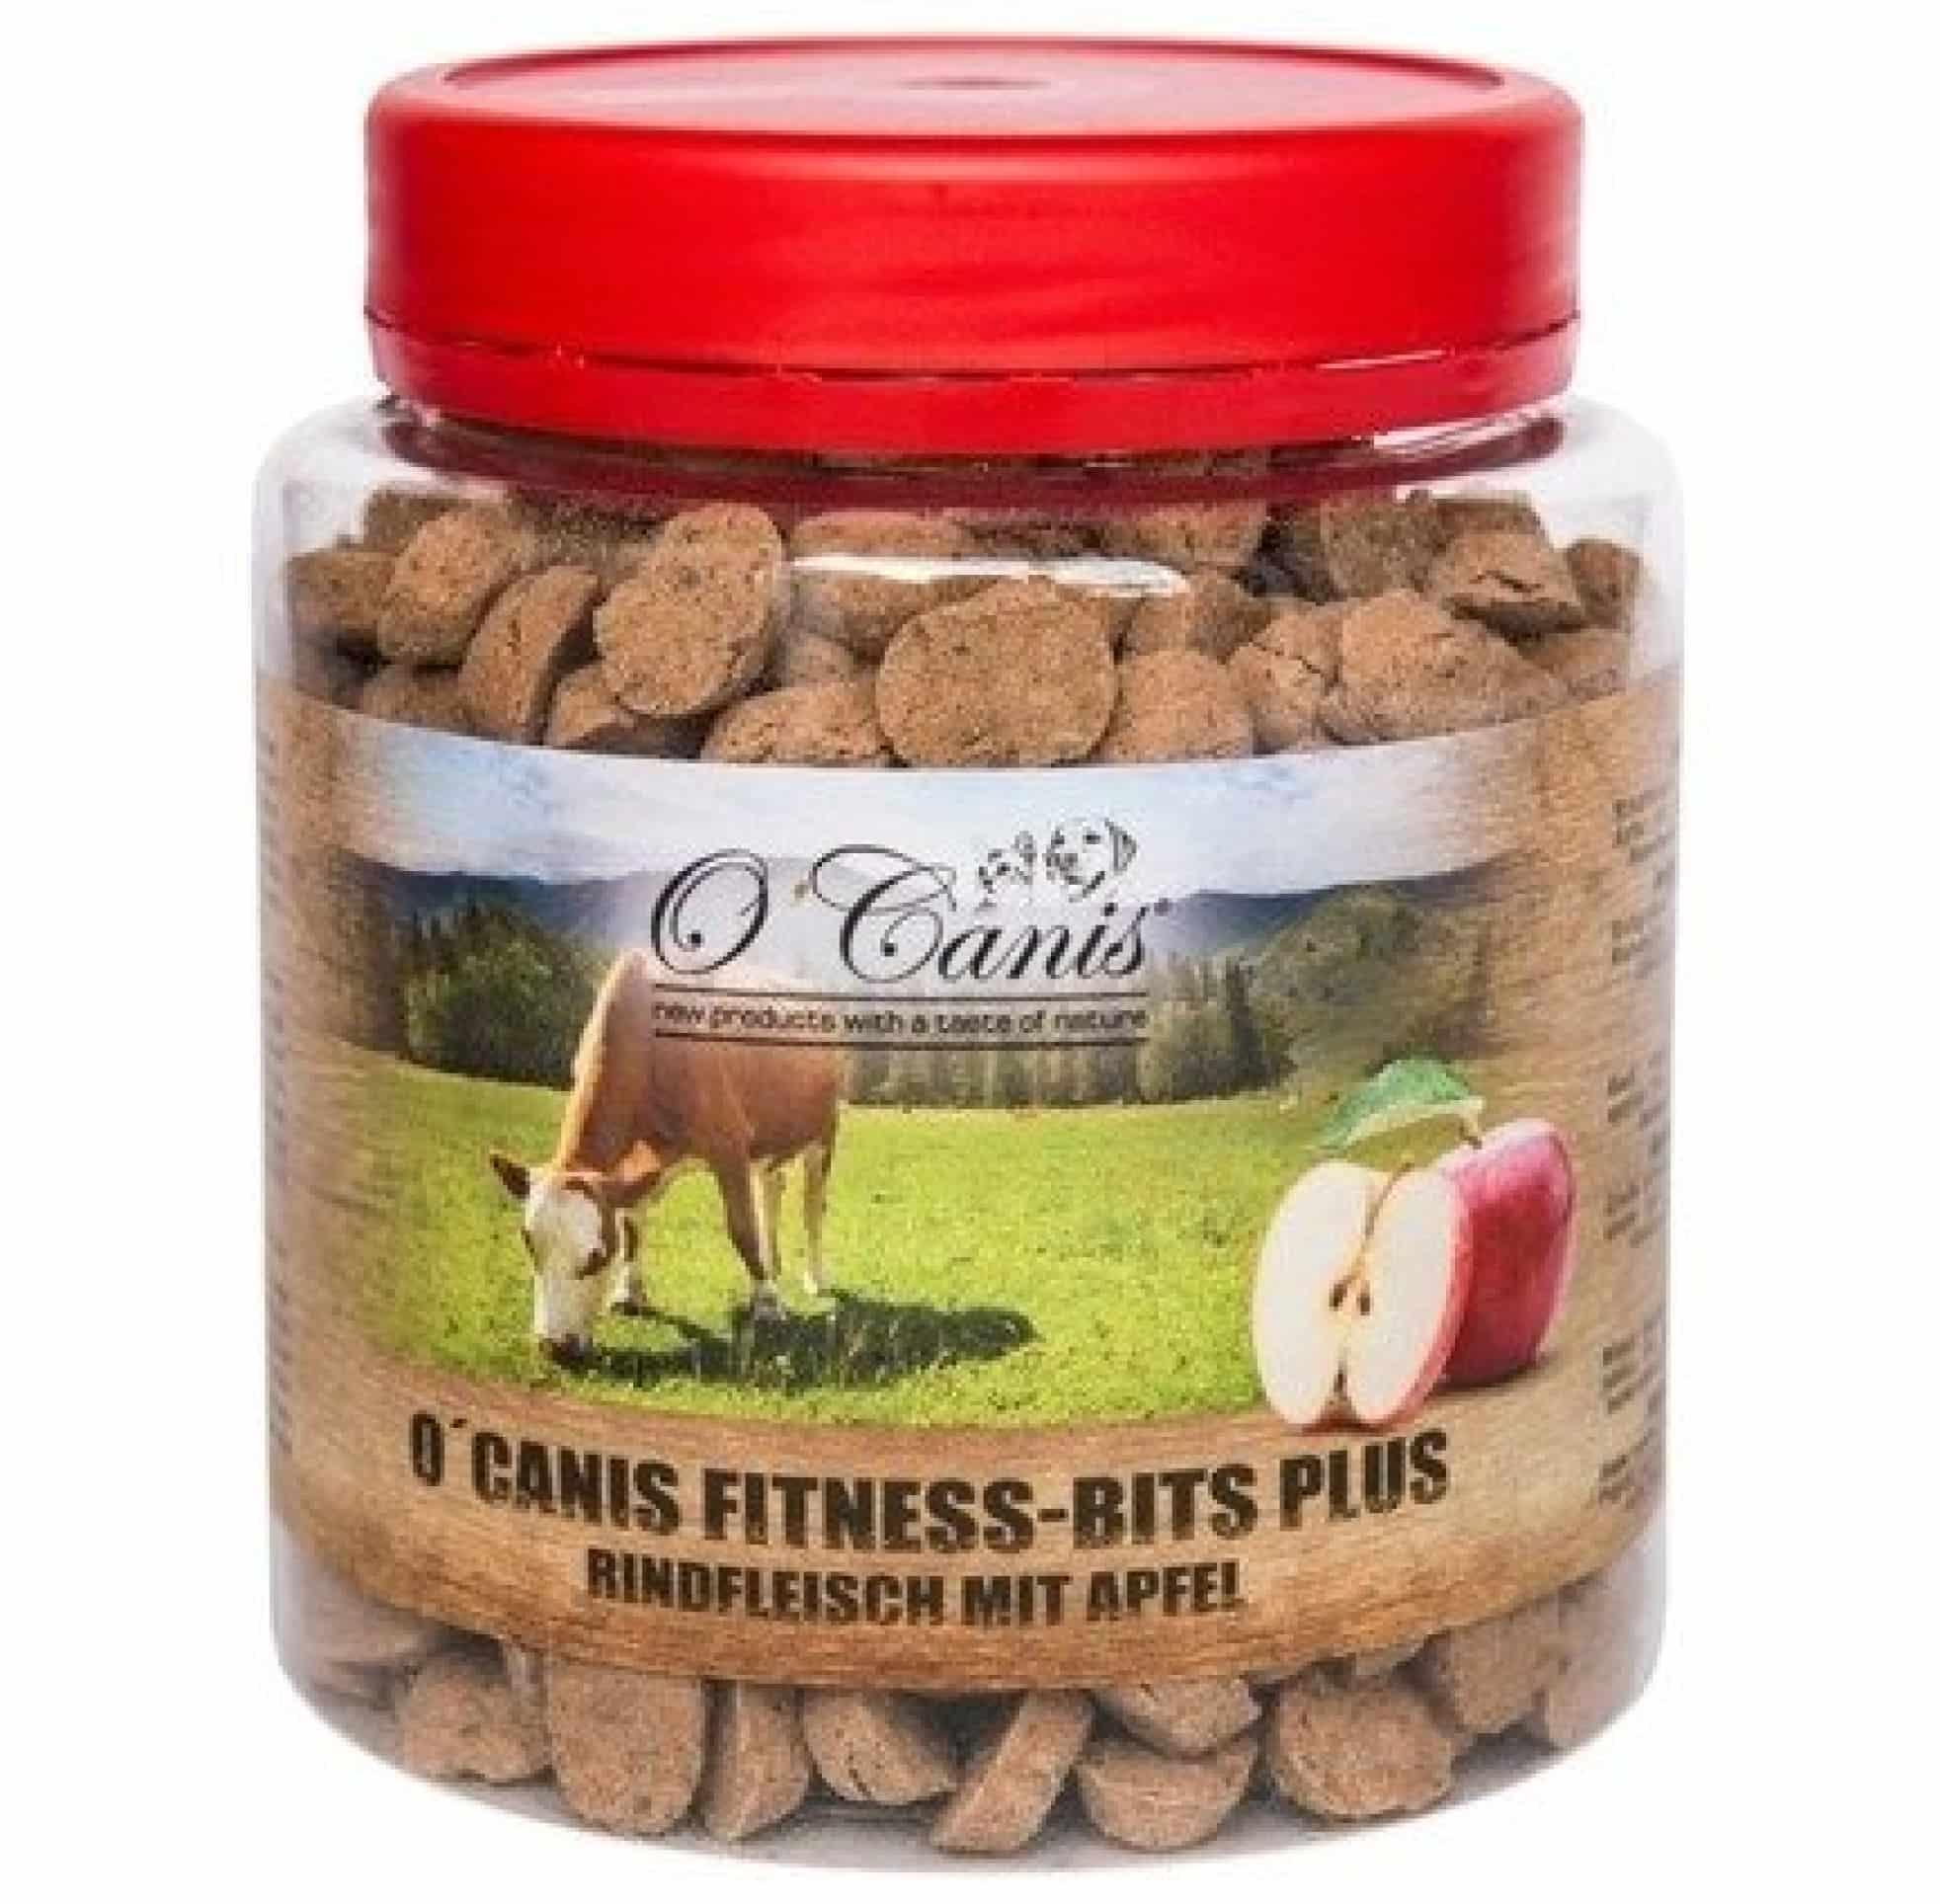 O'Canis Fitness-Bits PLUS wołowina z jabłkiem 300g przysmak trenerski dla psa